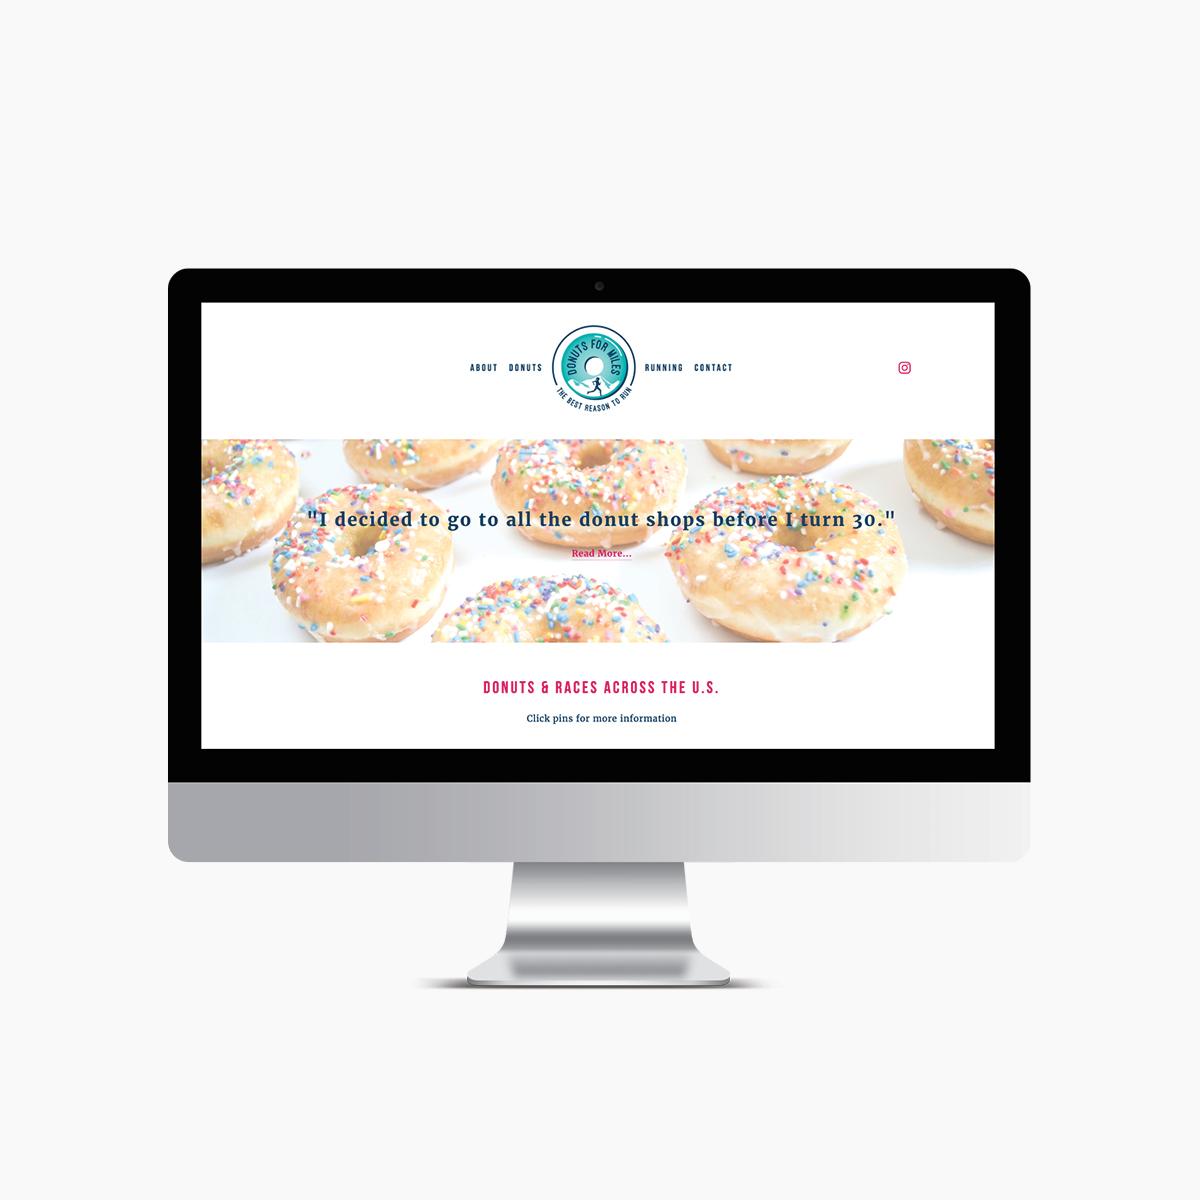 DFM_Logos.jpg